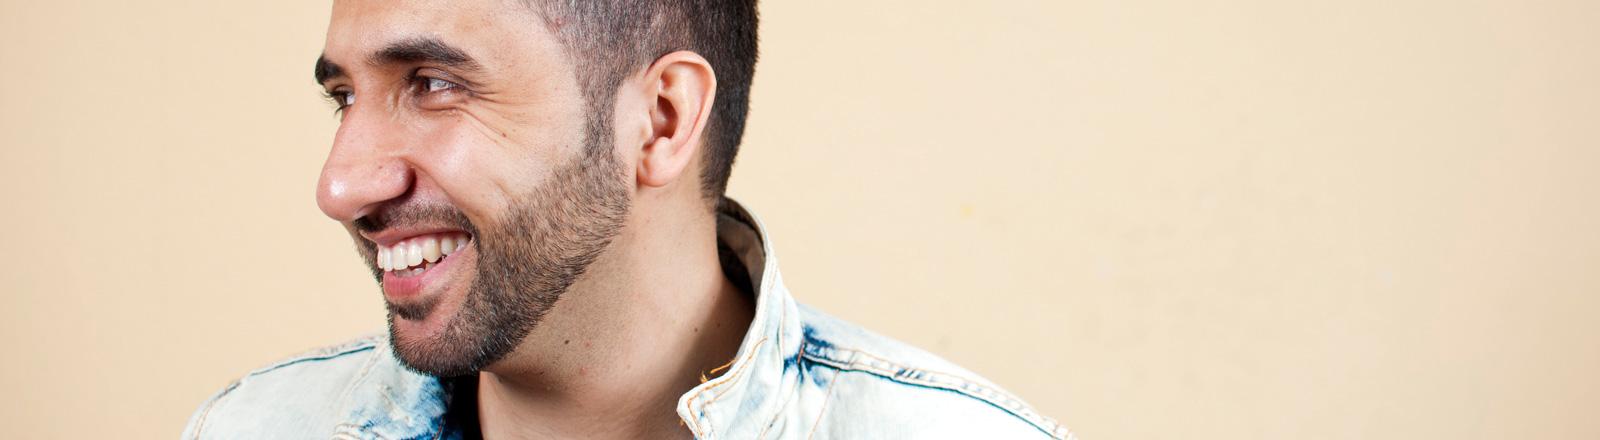 Ein junger Mann mit Bart und kurzen schwarzen Haaren ist im Profil zu sehen. Er grinst.